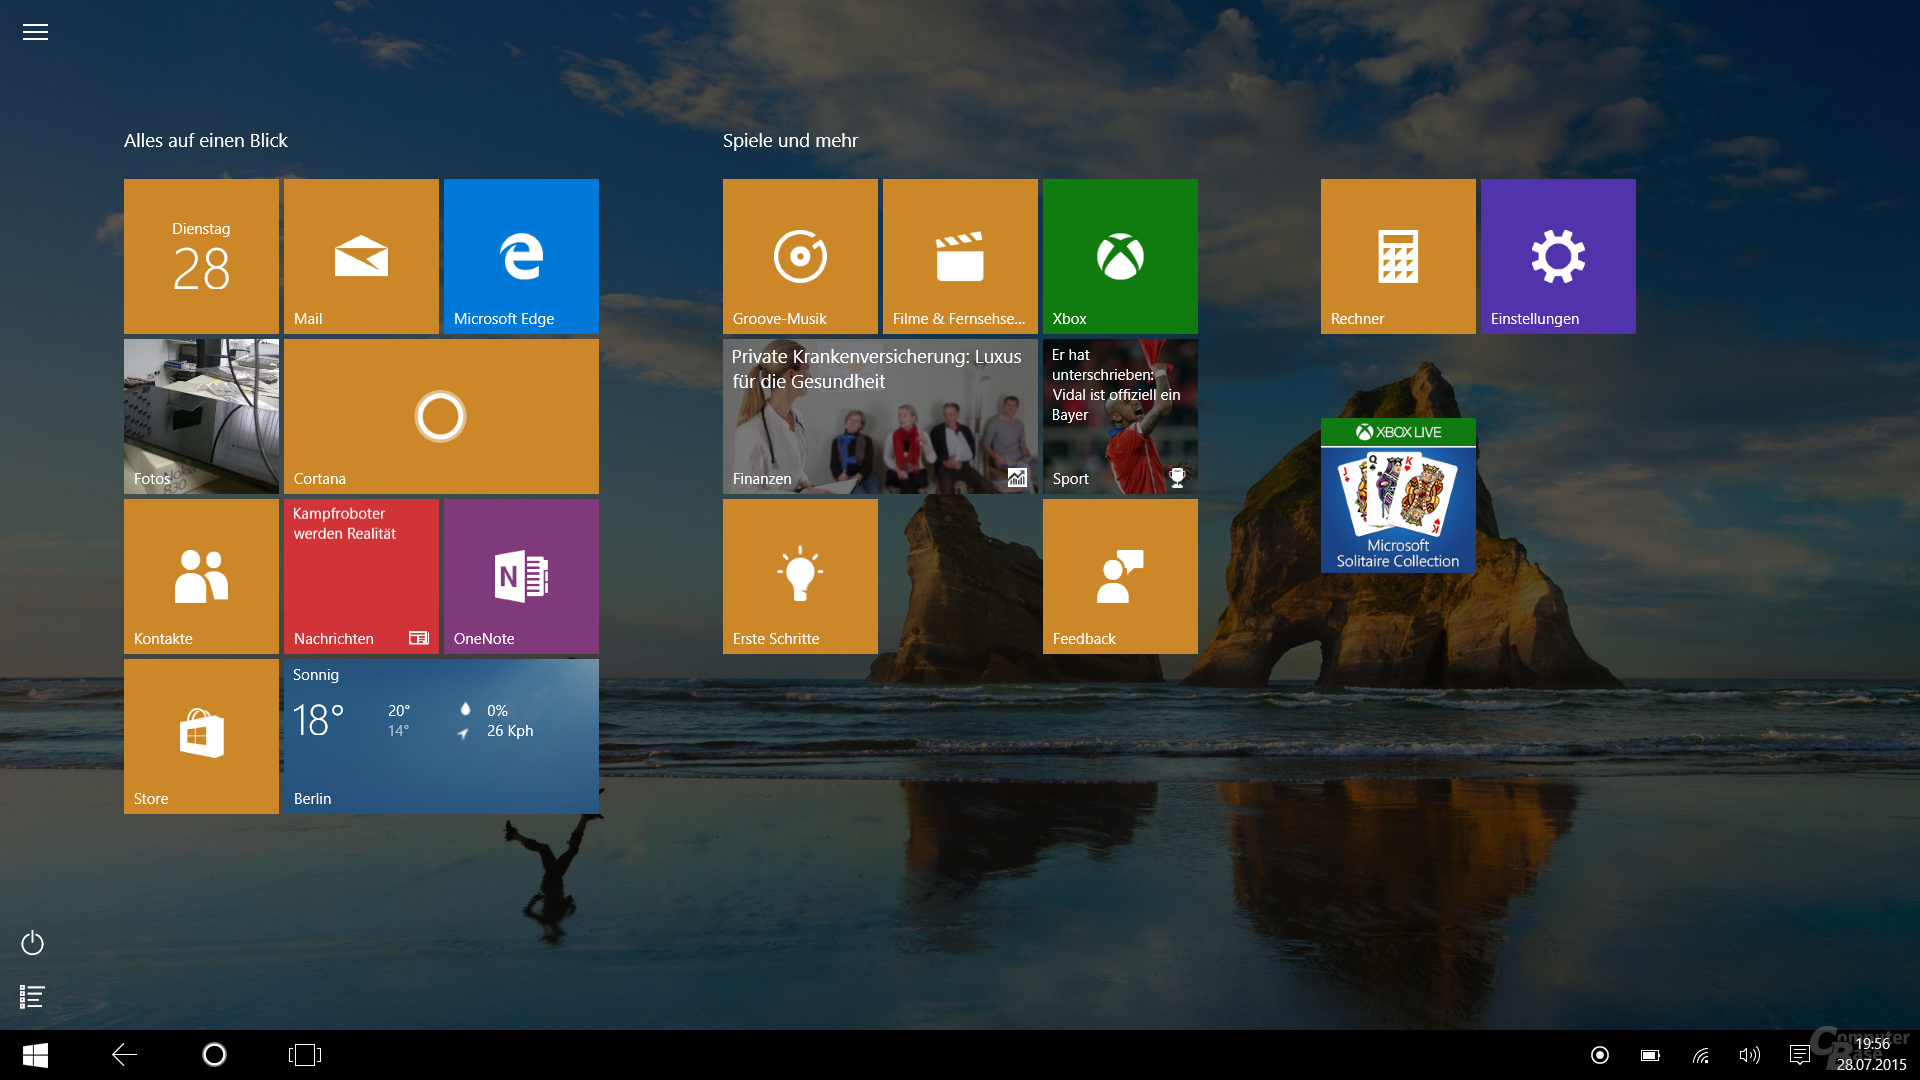 Der Tablet-Modus in Windows 10 gibt einen Vorgeschmack